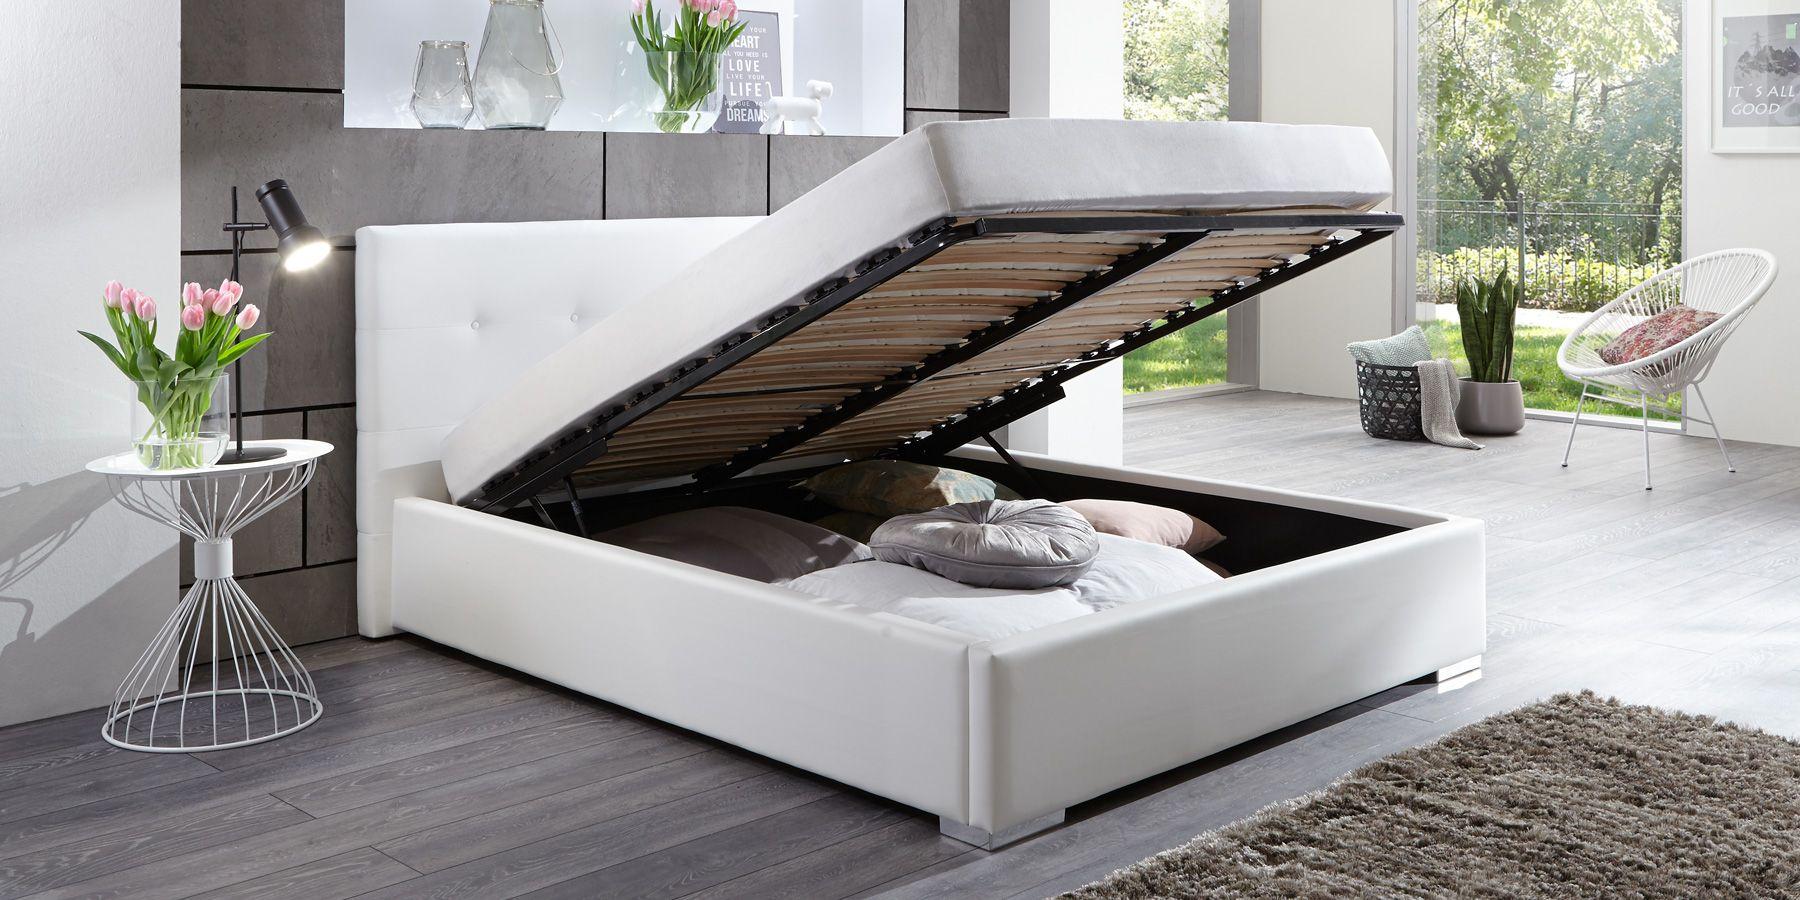 Bett mit Bettkasten 180x200 weiß Polsterbett mit